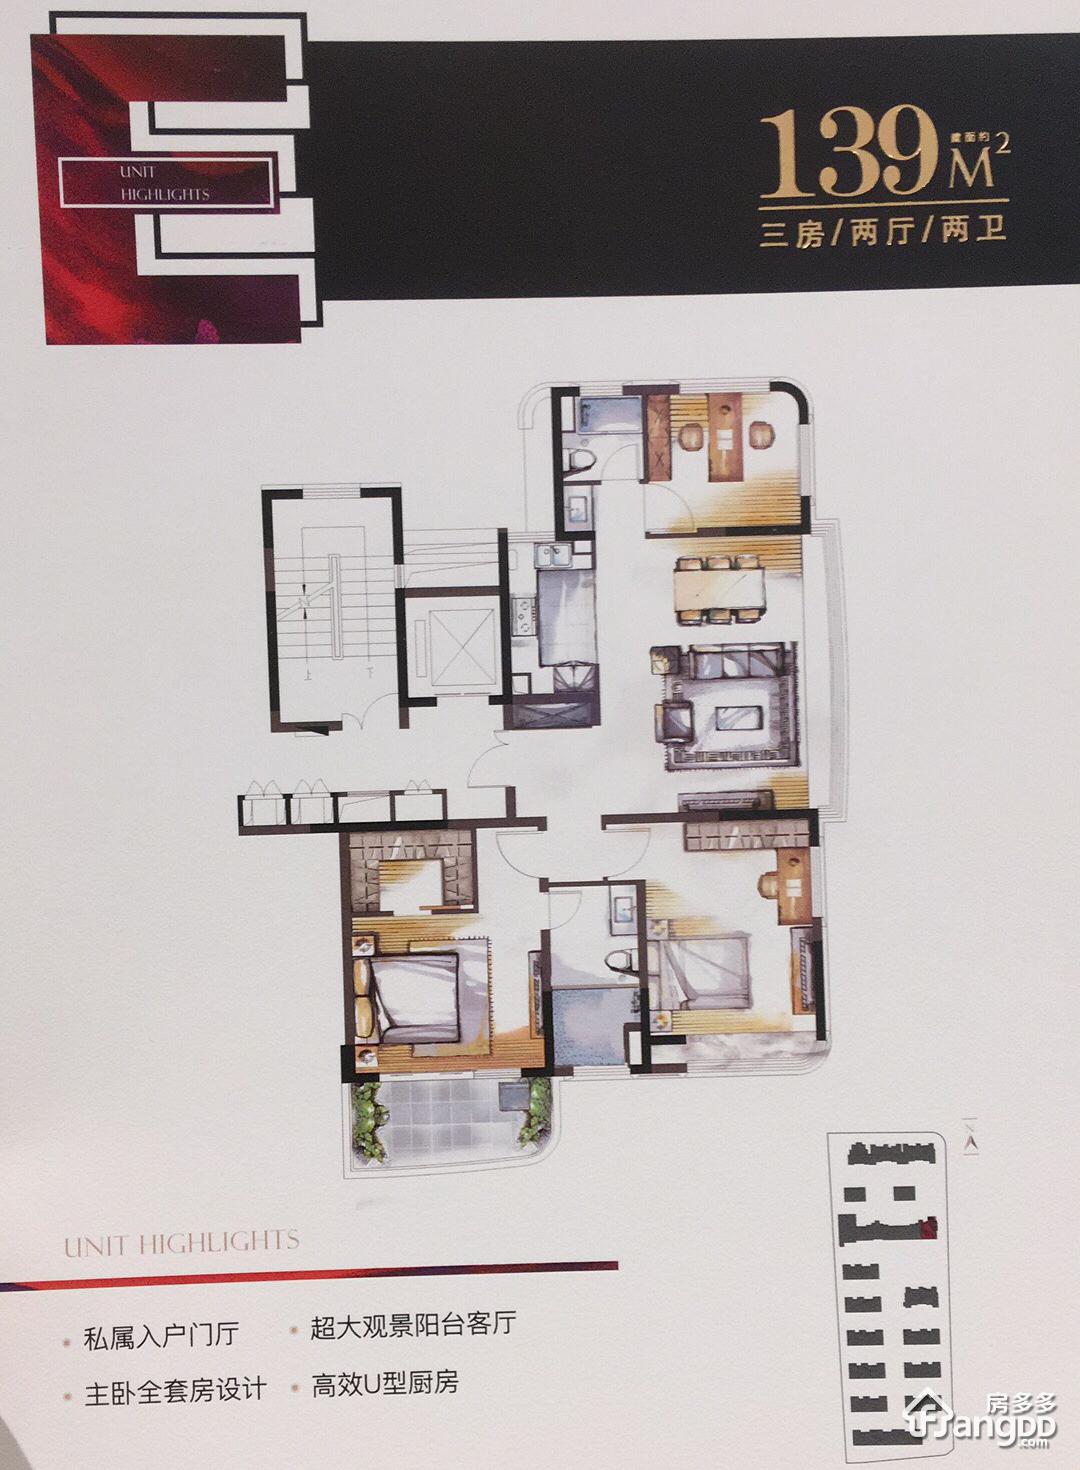 颐盛御中环二期3室2厅2卫户型图